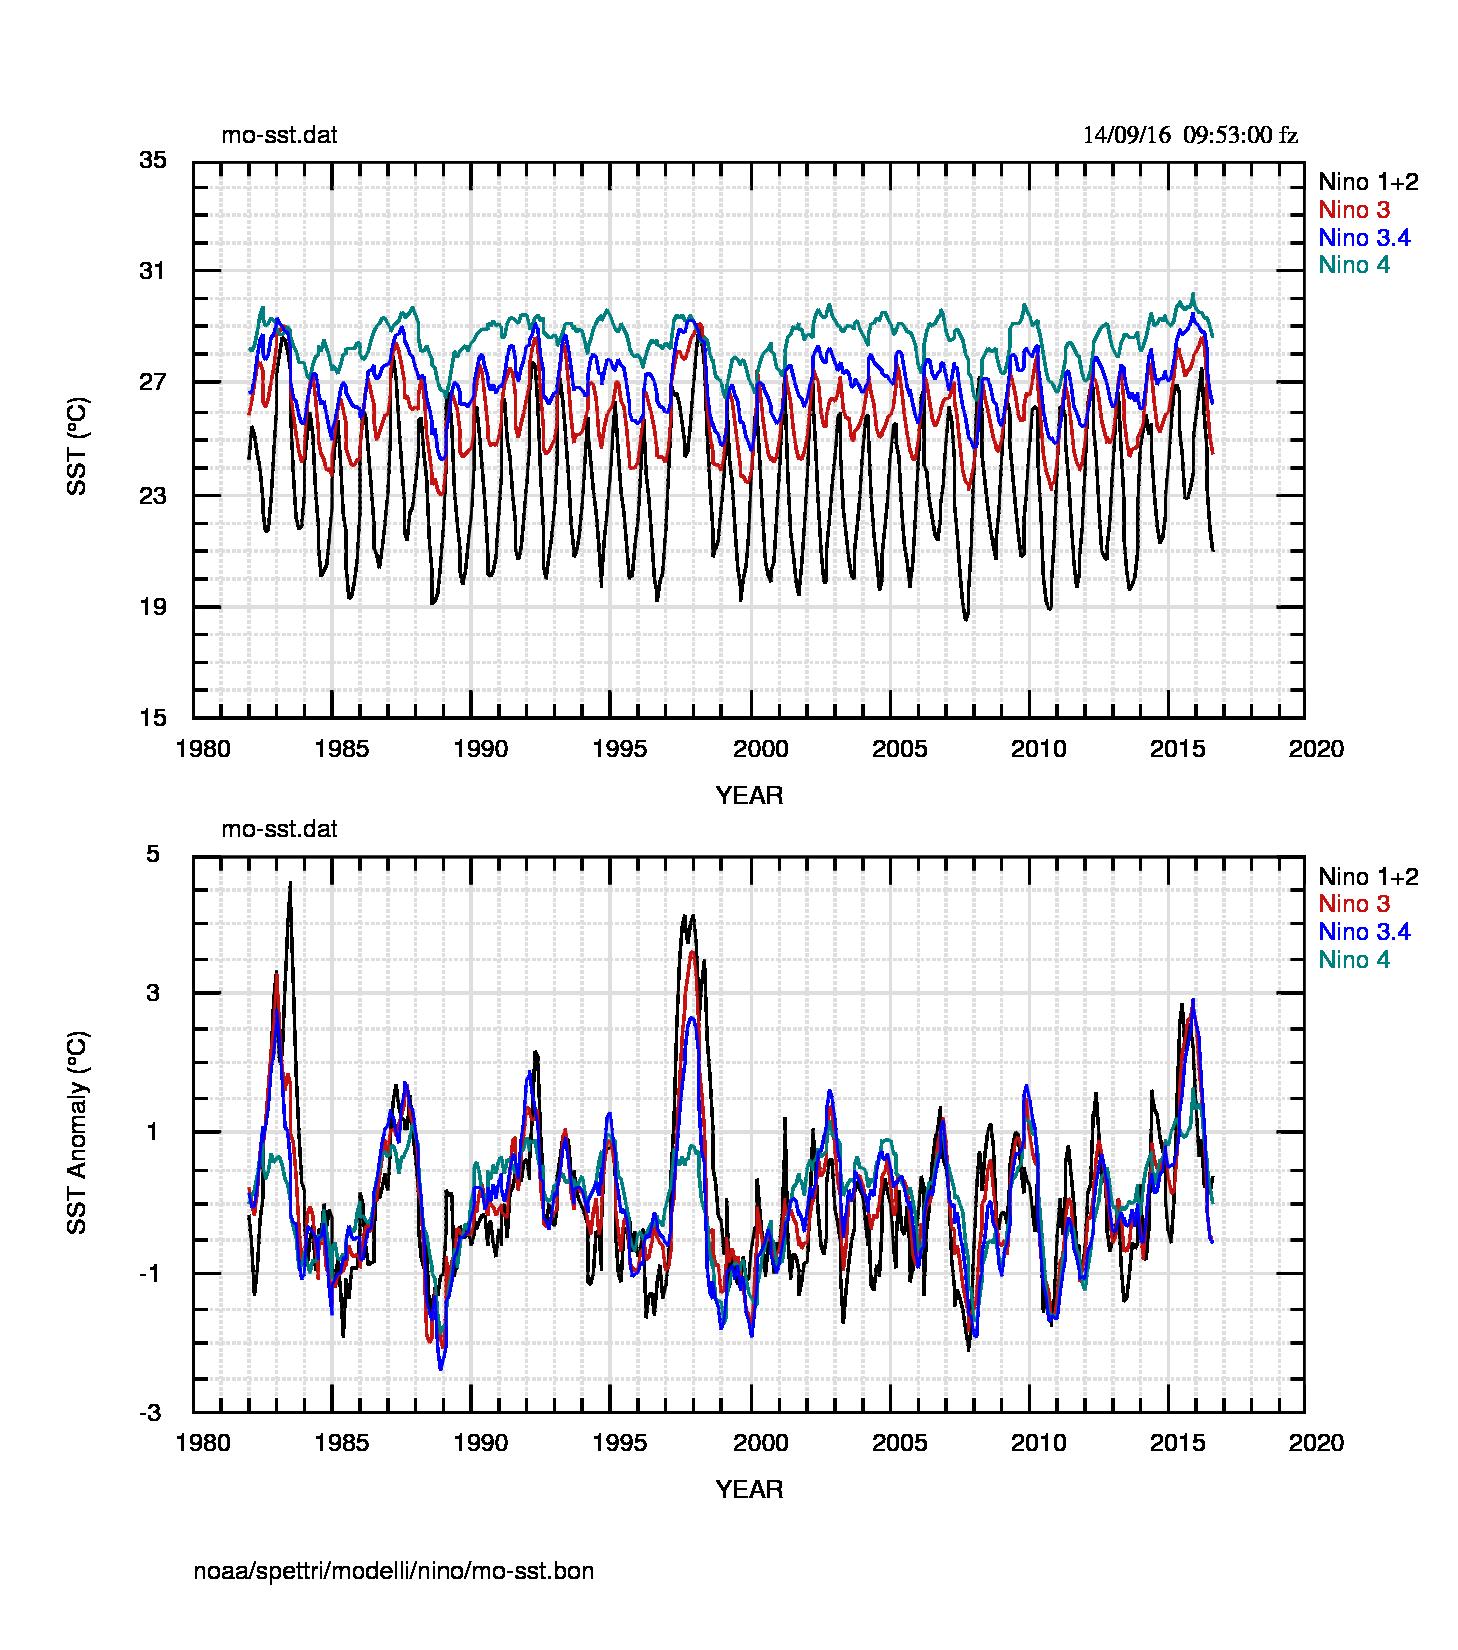 Fig.4: SST mensili nelle 4 regioni.Le differenze con la fig.2 sono minime e tutte dovute allo smussamento dei valori che sono, in pratica, la media su 4 o 5 settimane dei dati di fig.2.